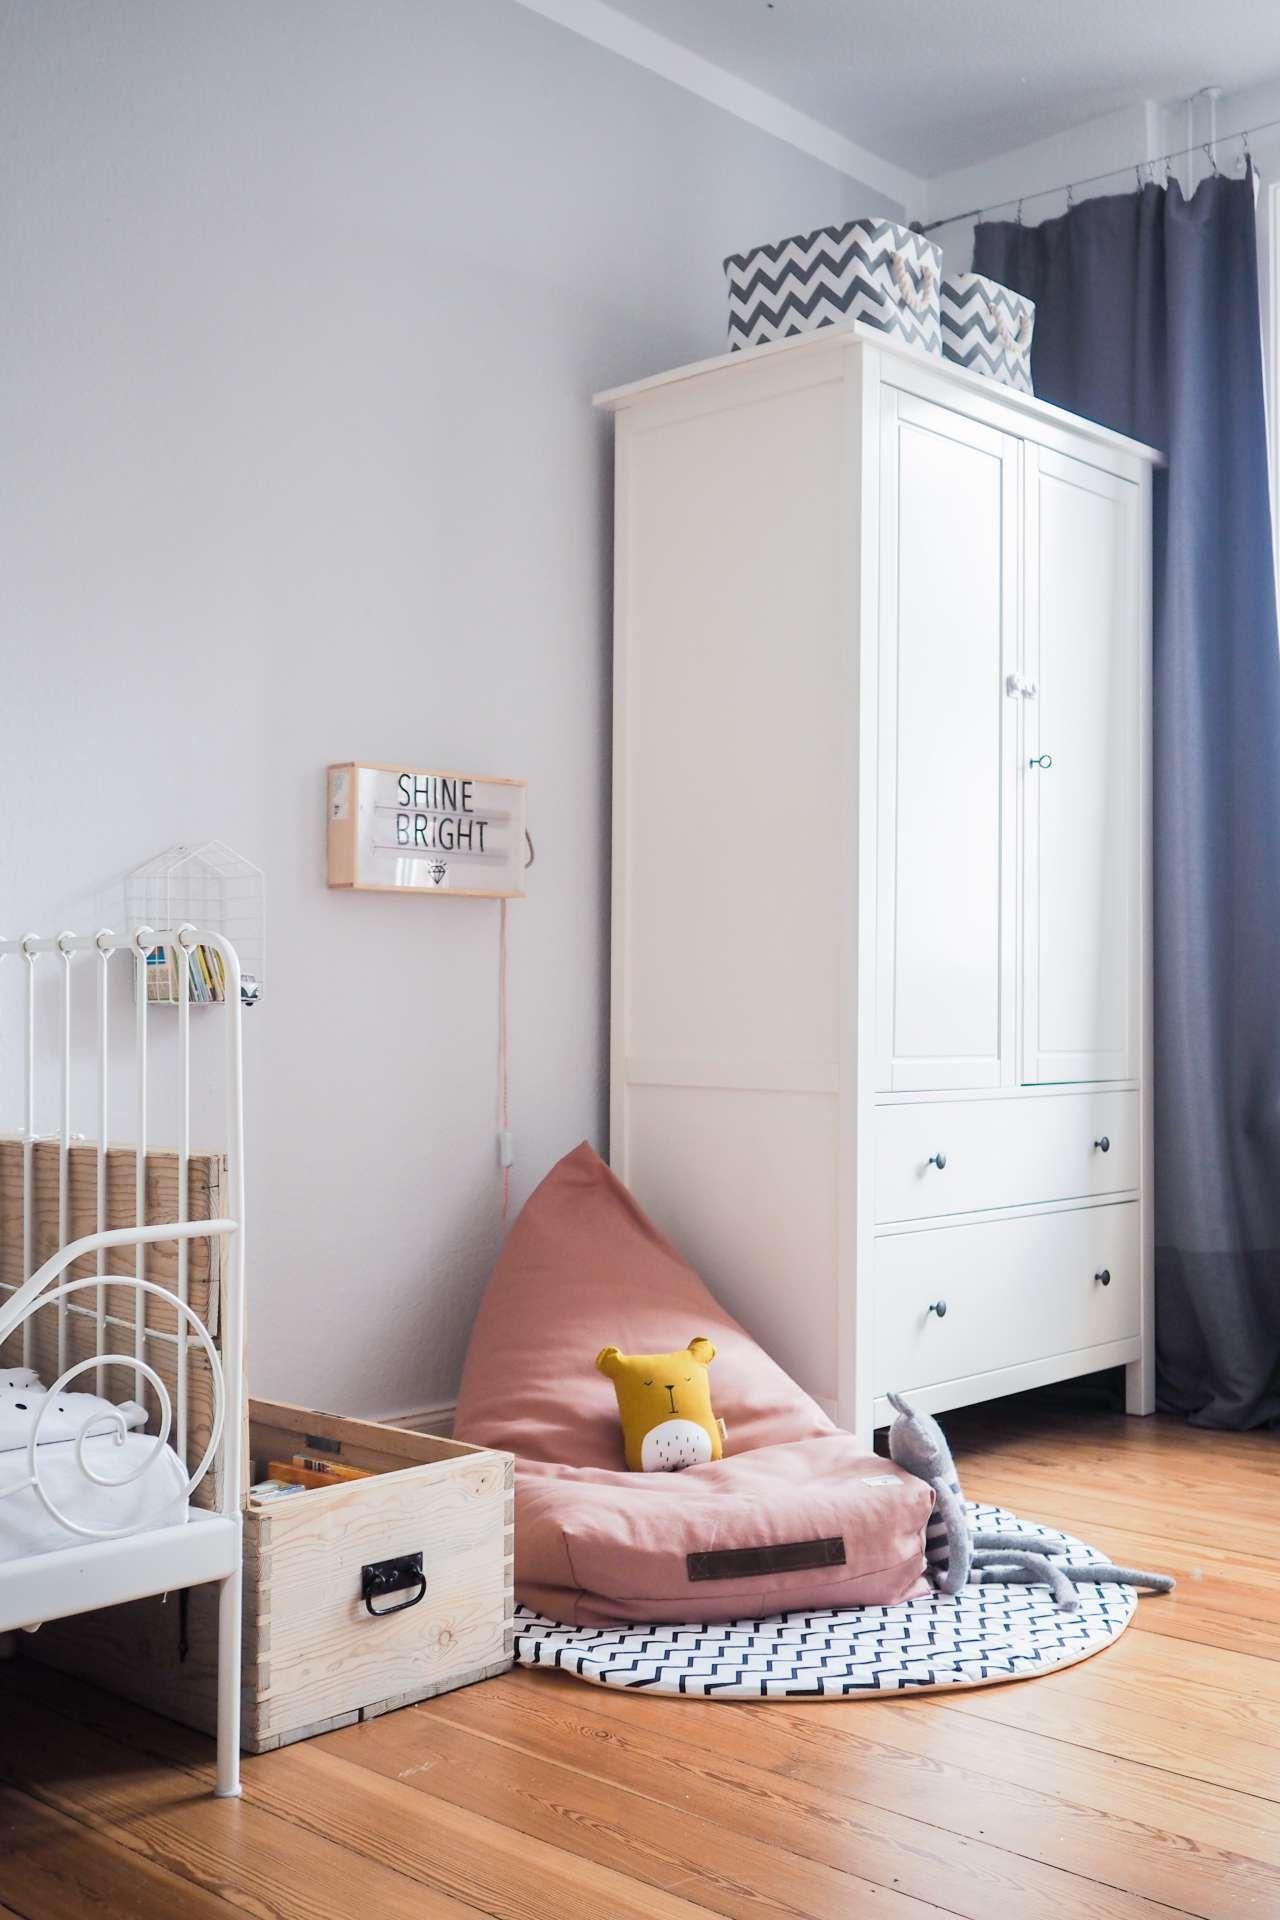 Unser Zuhause: Die neue Leseecke im Kinderzimmer | Kuschelecke ...